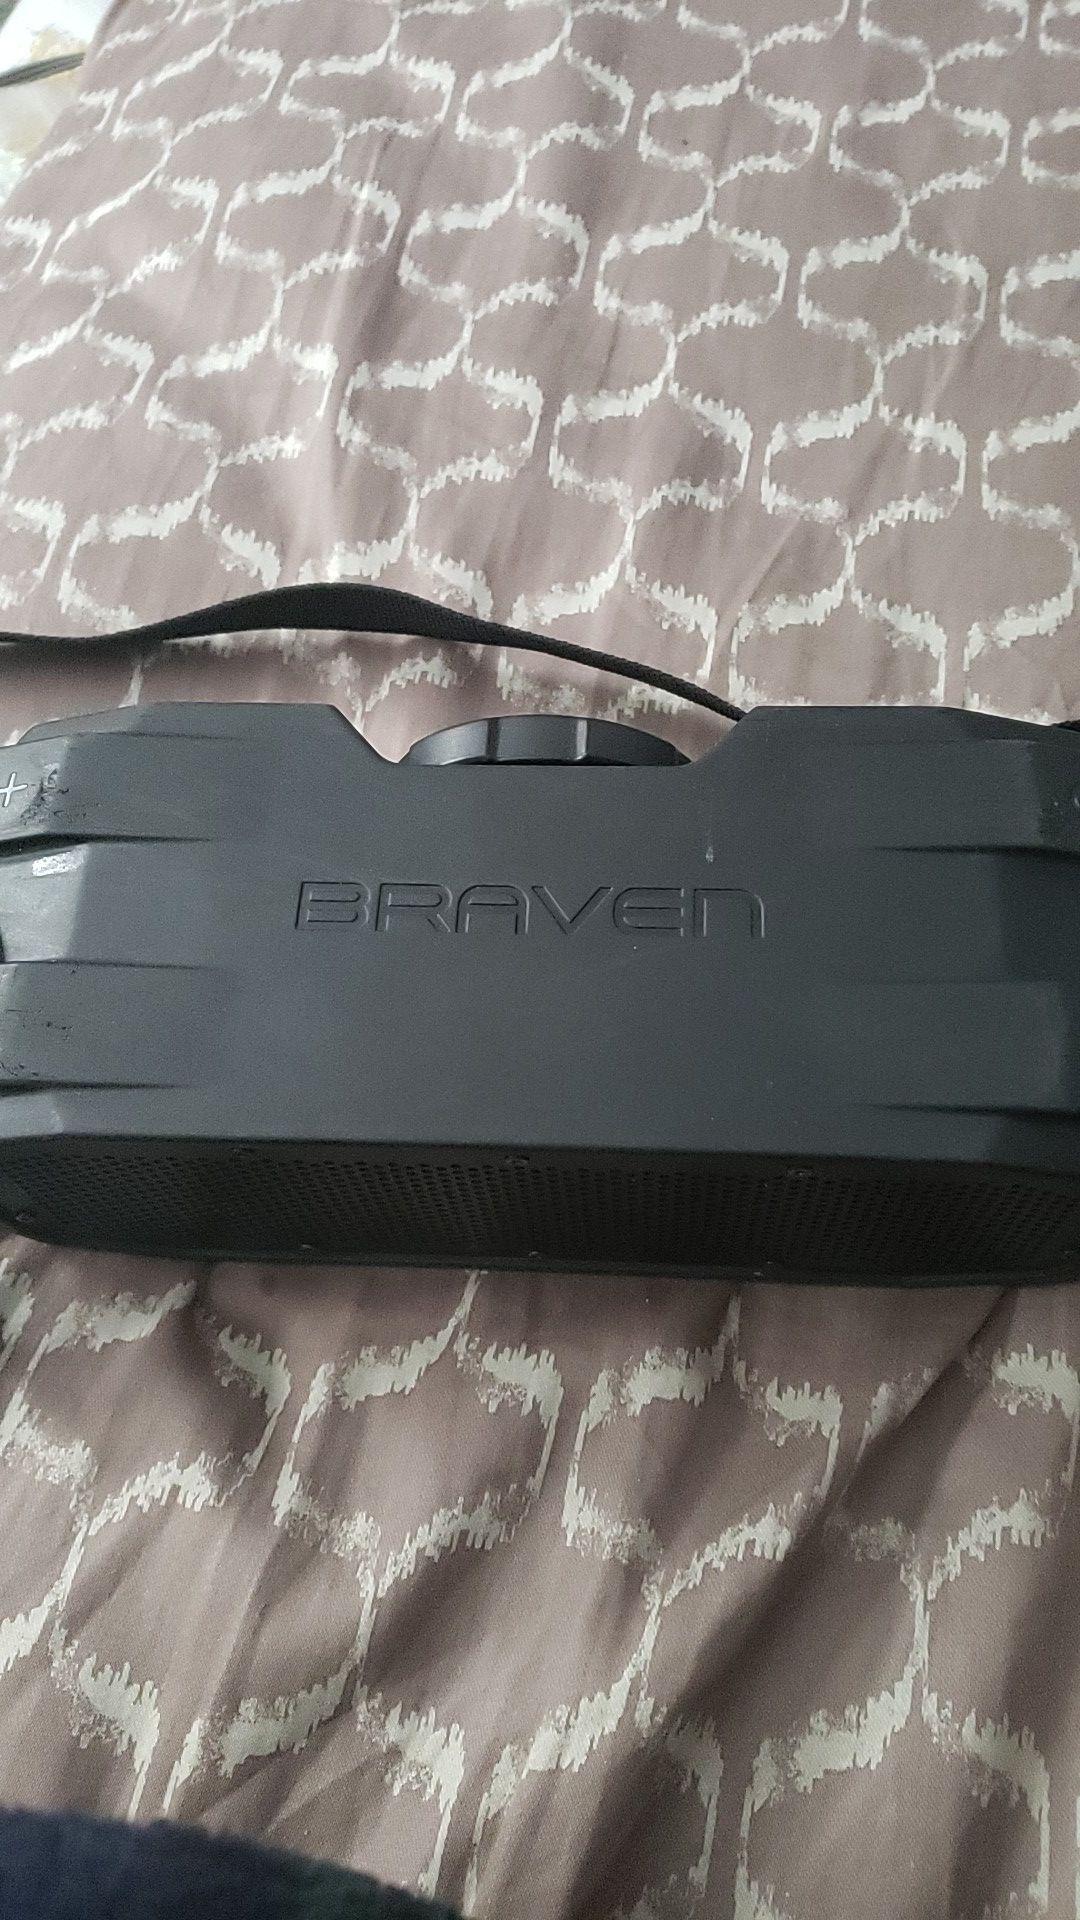 Braven x bluetooth speaker